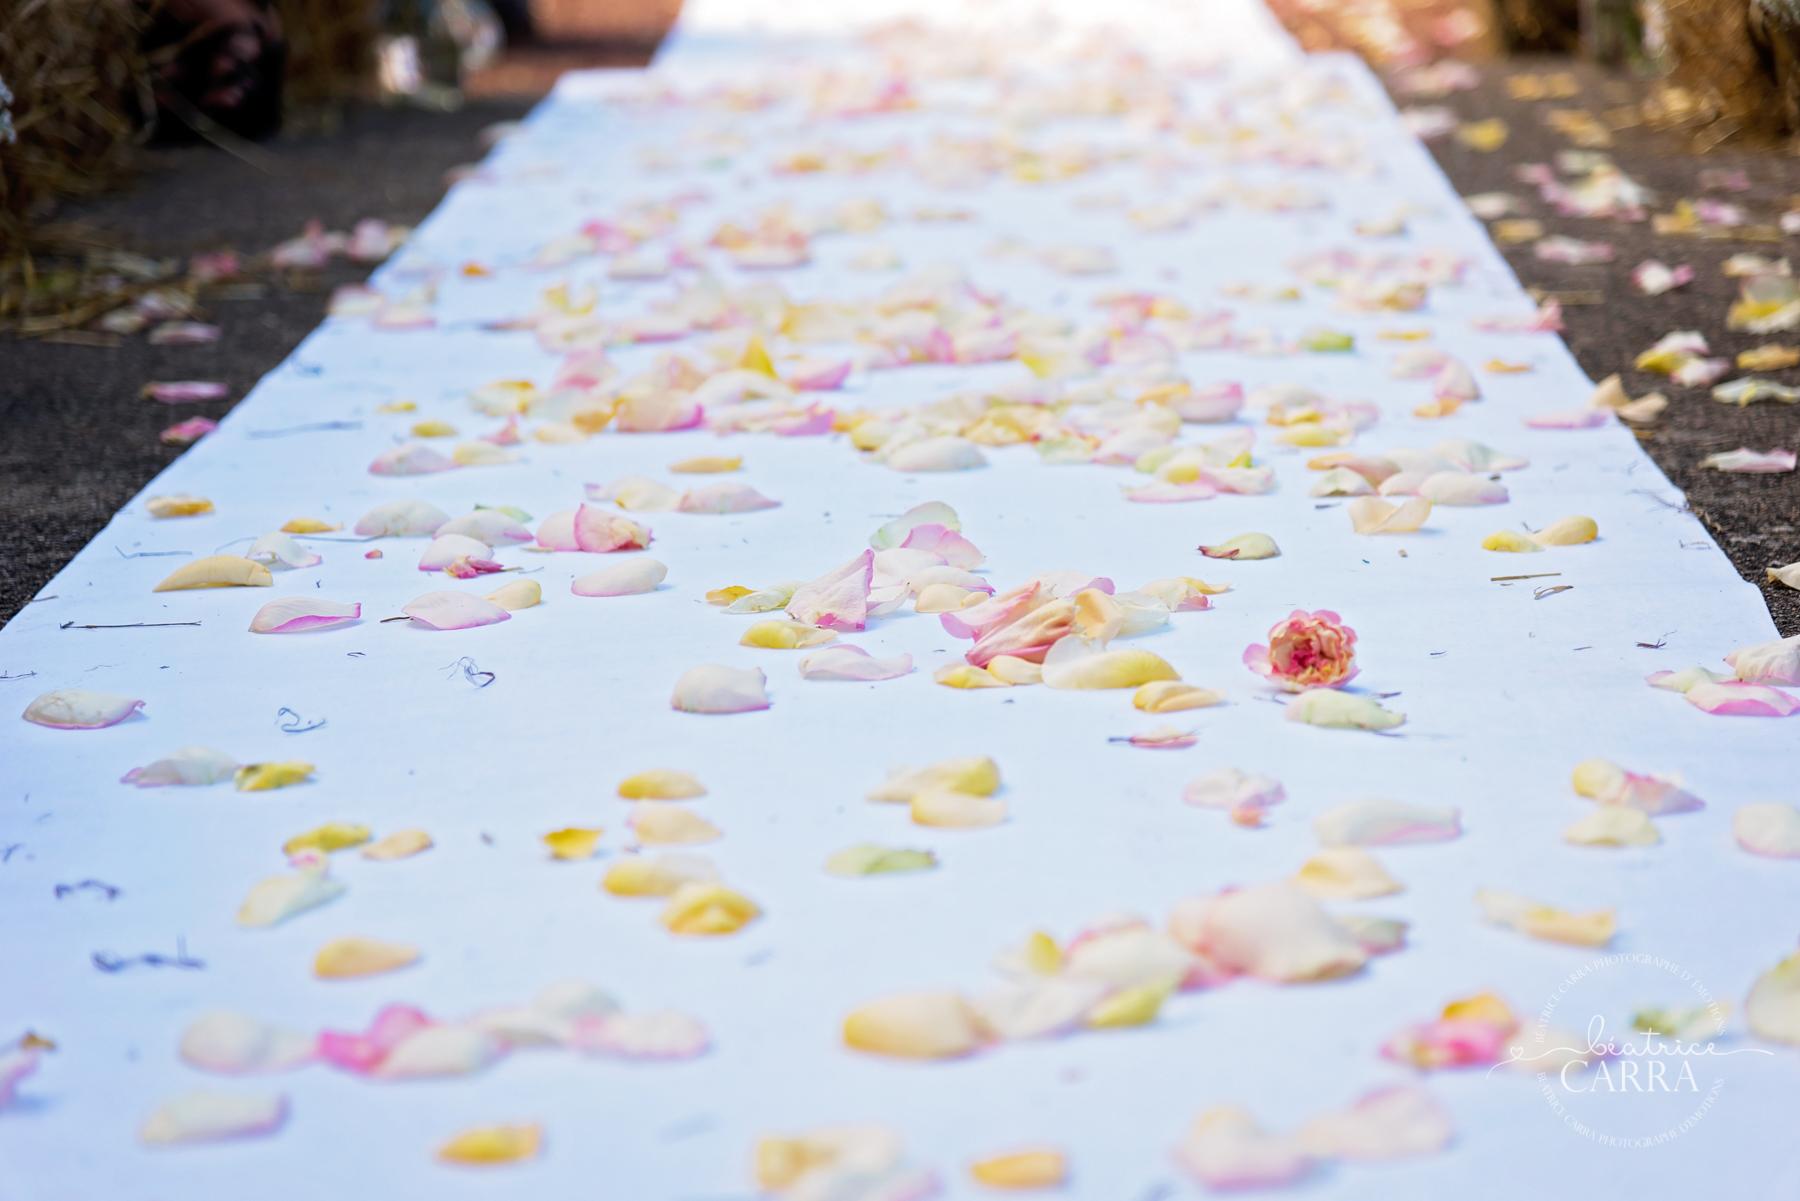 mariage champetre et chic au catalpa Roanne. Béatrice Carra Photographe Loire-Rhone-Auvergne039